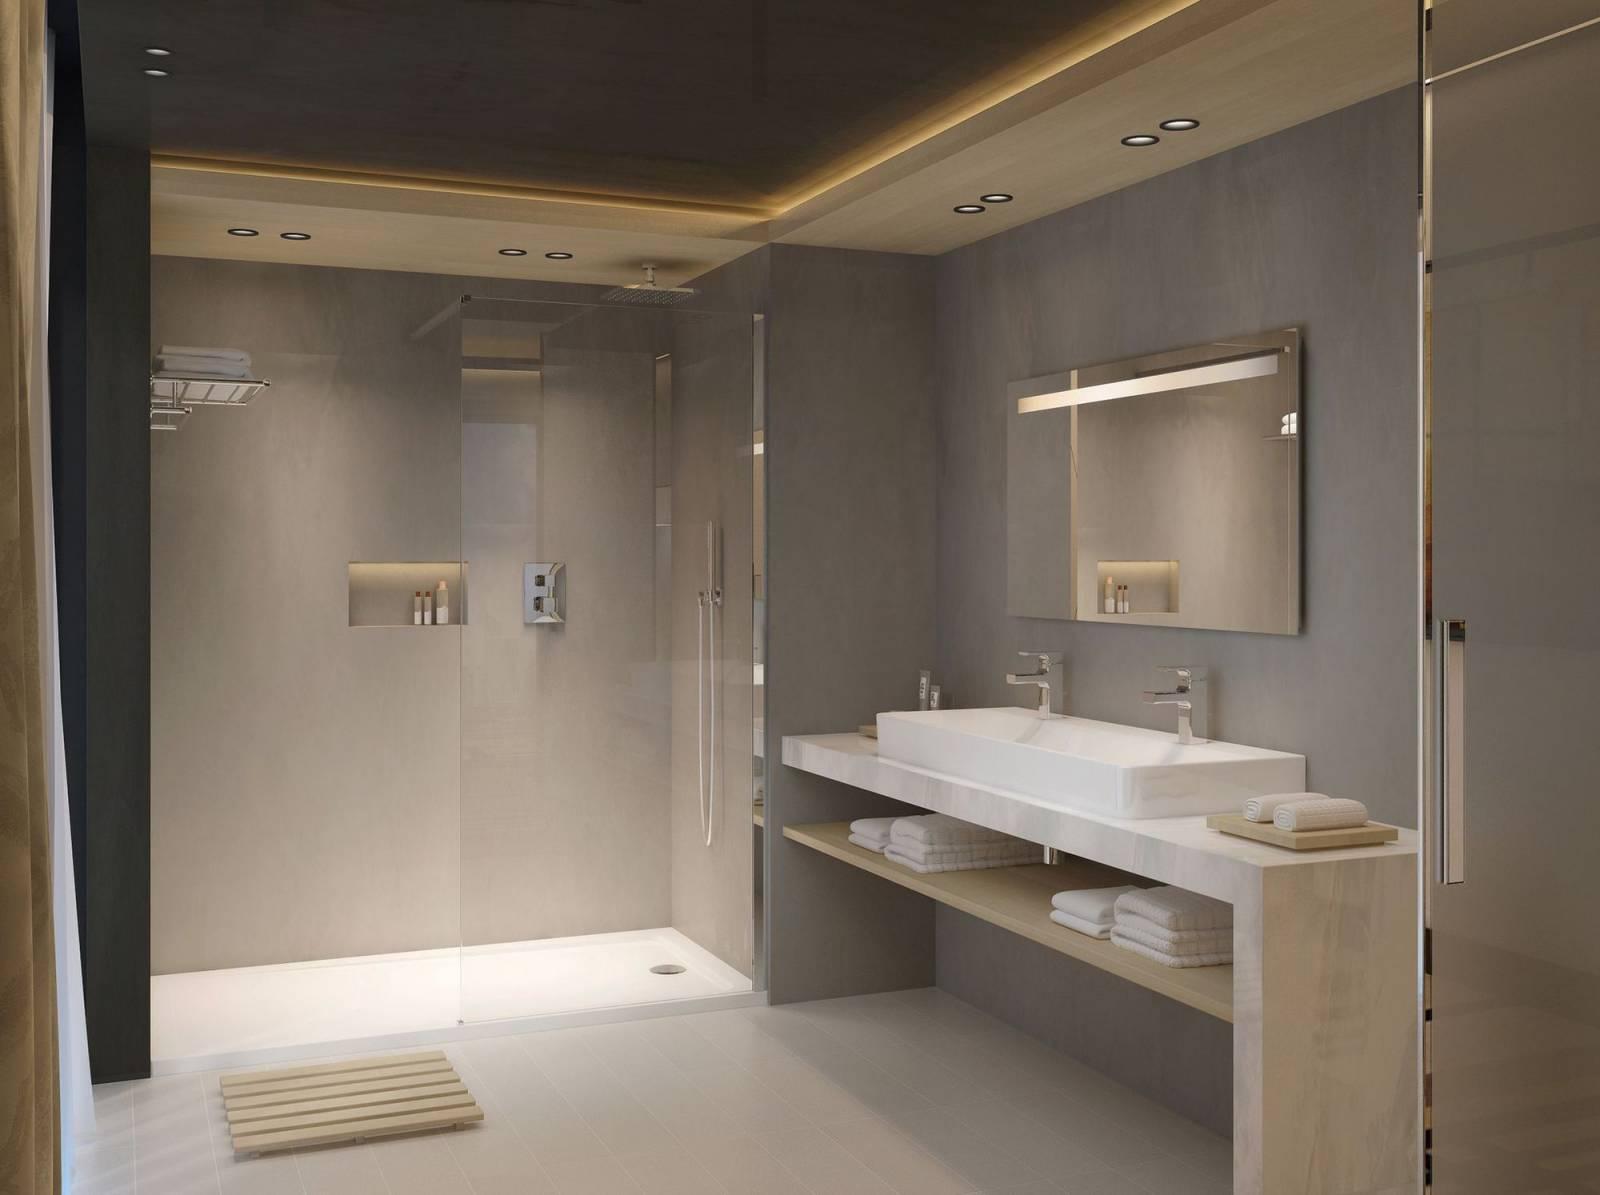 VENTE ET POSE Salle De Bain Aménagée JACOB DELAFON Sur Le - Poseur salle de bain